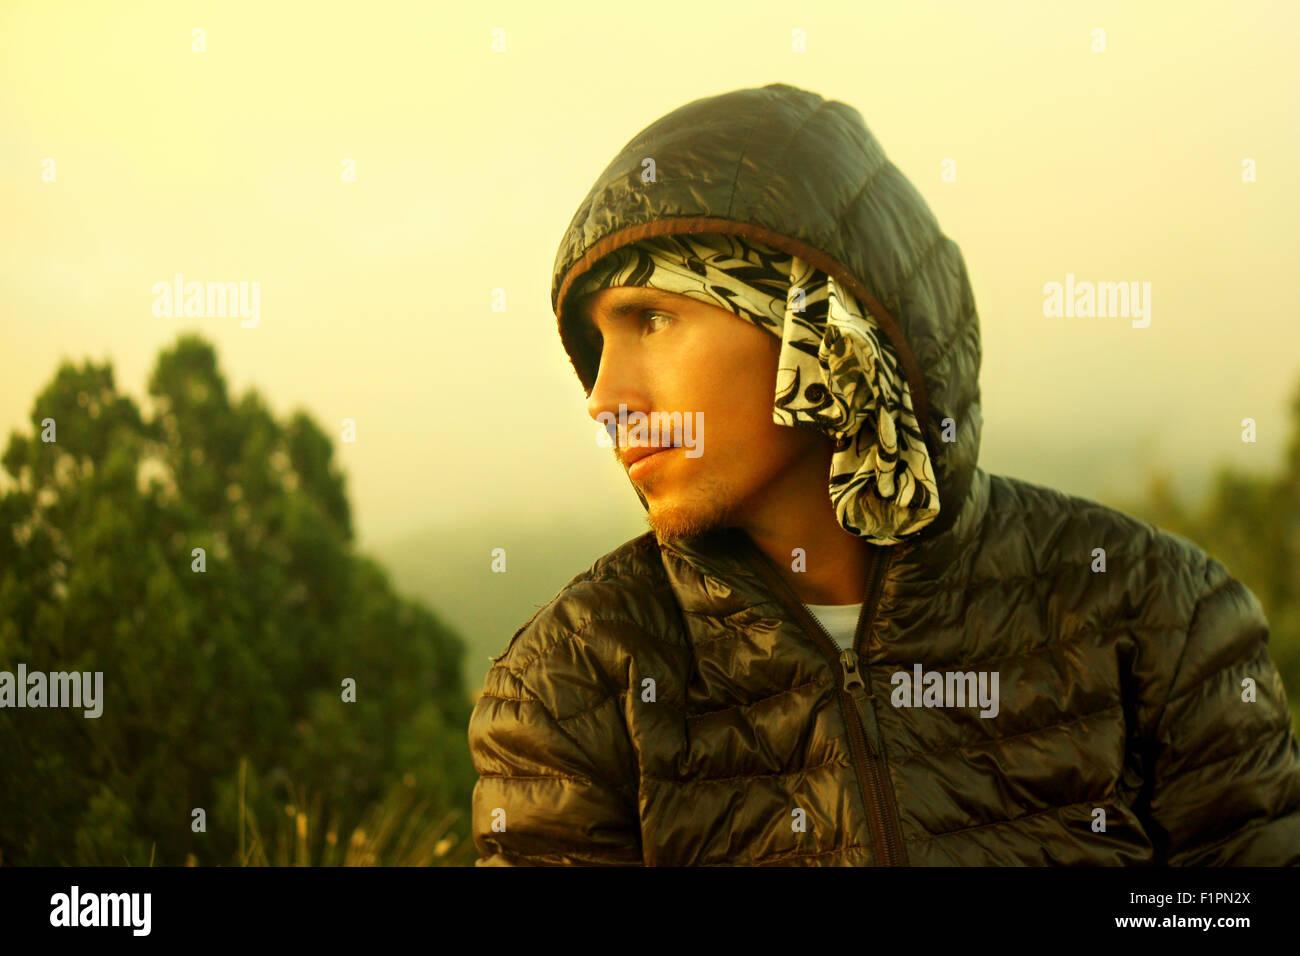 Schönen jungen Mann mit Bart im Herbst dunkle Jacke mit Kapuze hinunter in die wilde Blicke entfernt. Filter Stockbild